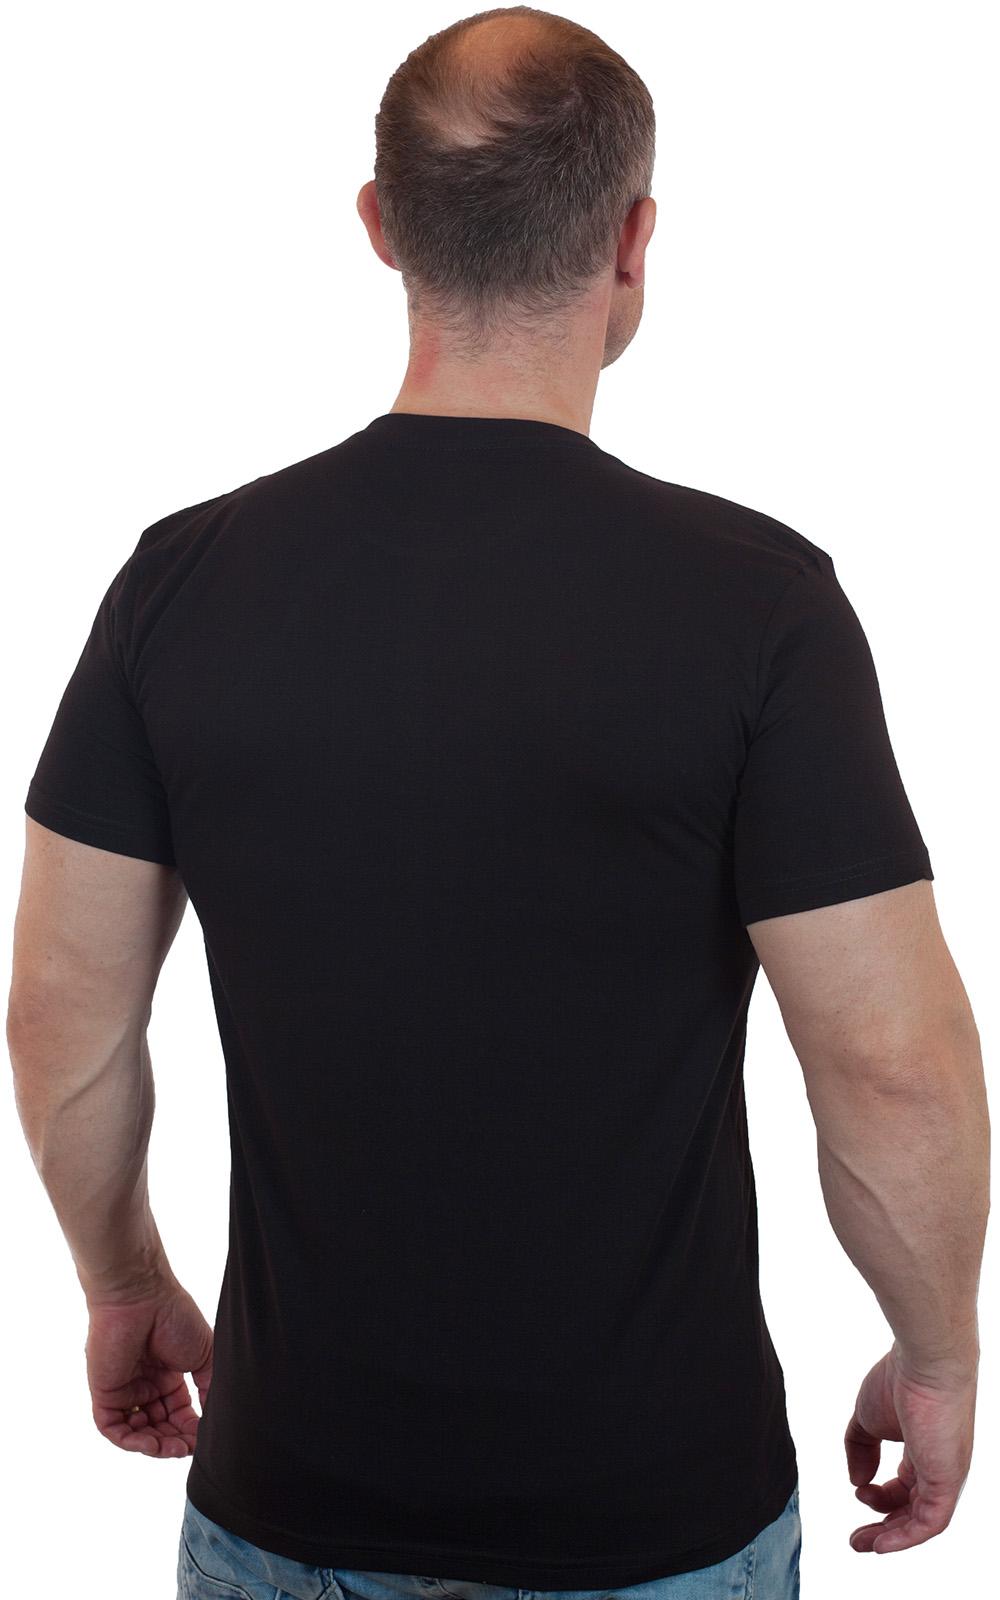 Строгая хлопковая футболка с вышитым шевроном Сибирский Округ ВВ МВД - купить выгодно